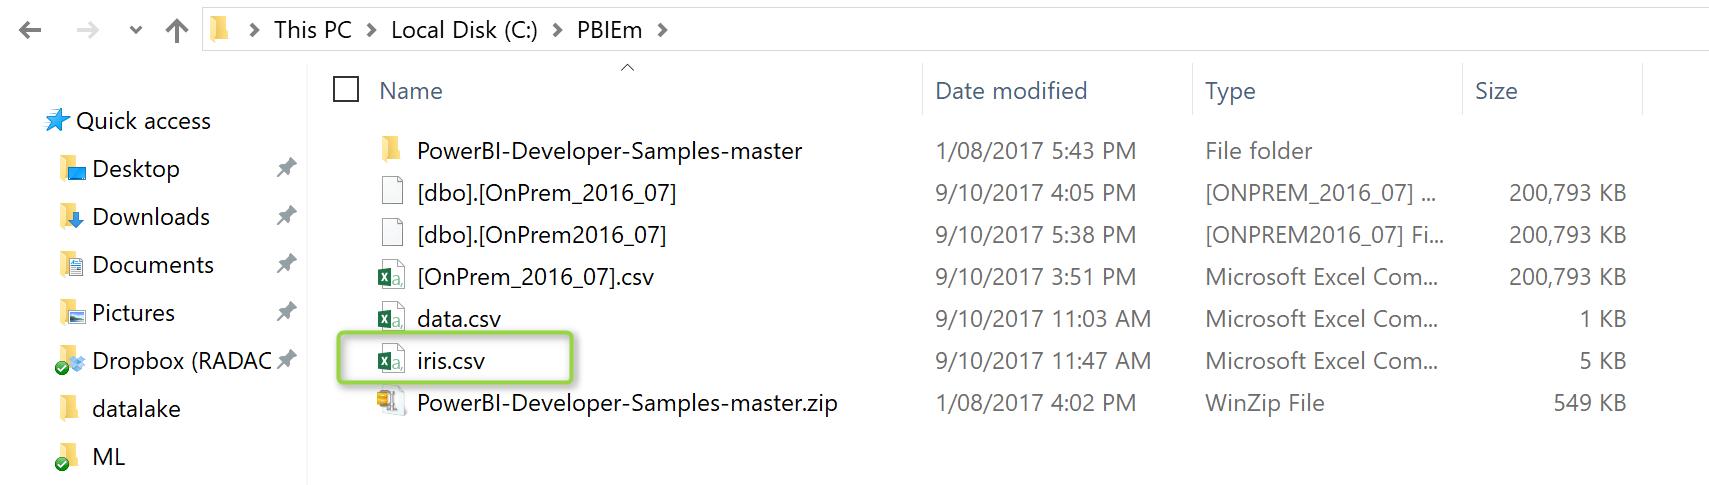 File Managment in Azure Data Lake Store(ADLS) using R Studio